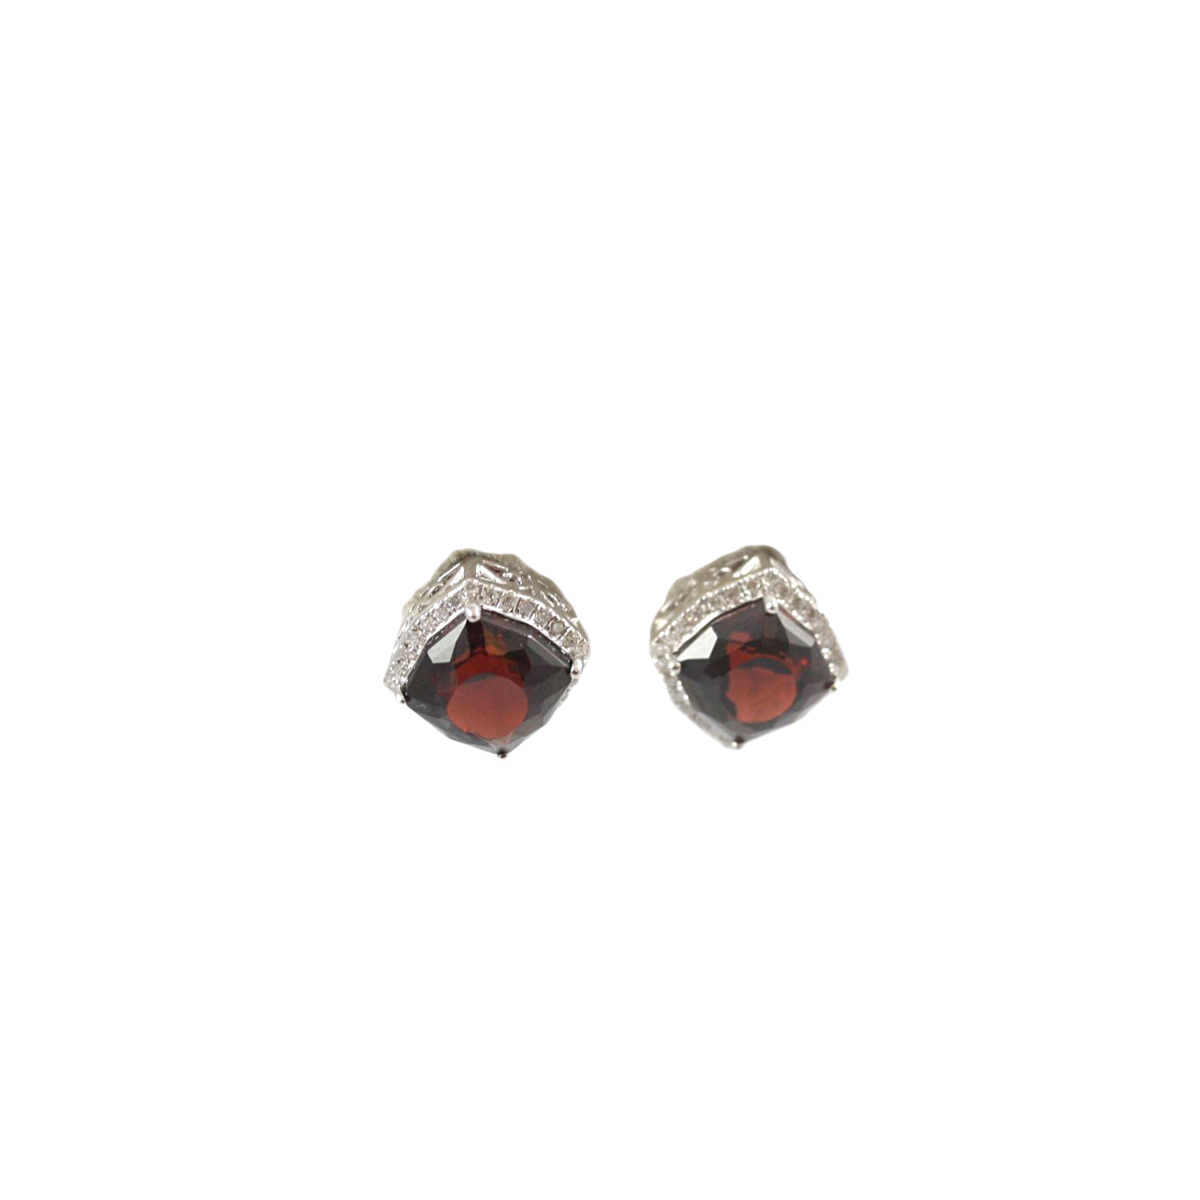 14 Karat White Gold Modified Radiant Garnet and Diamond Earrings